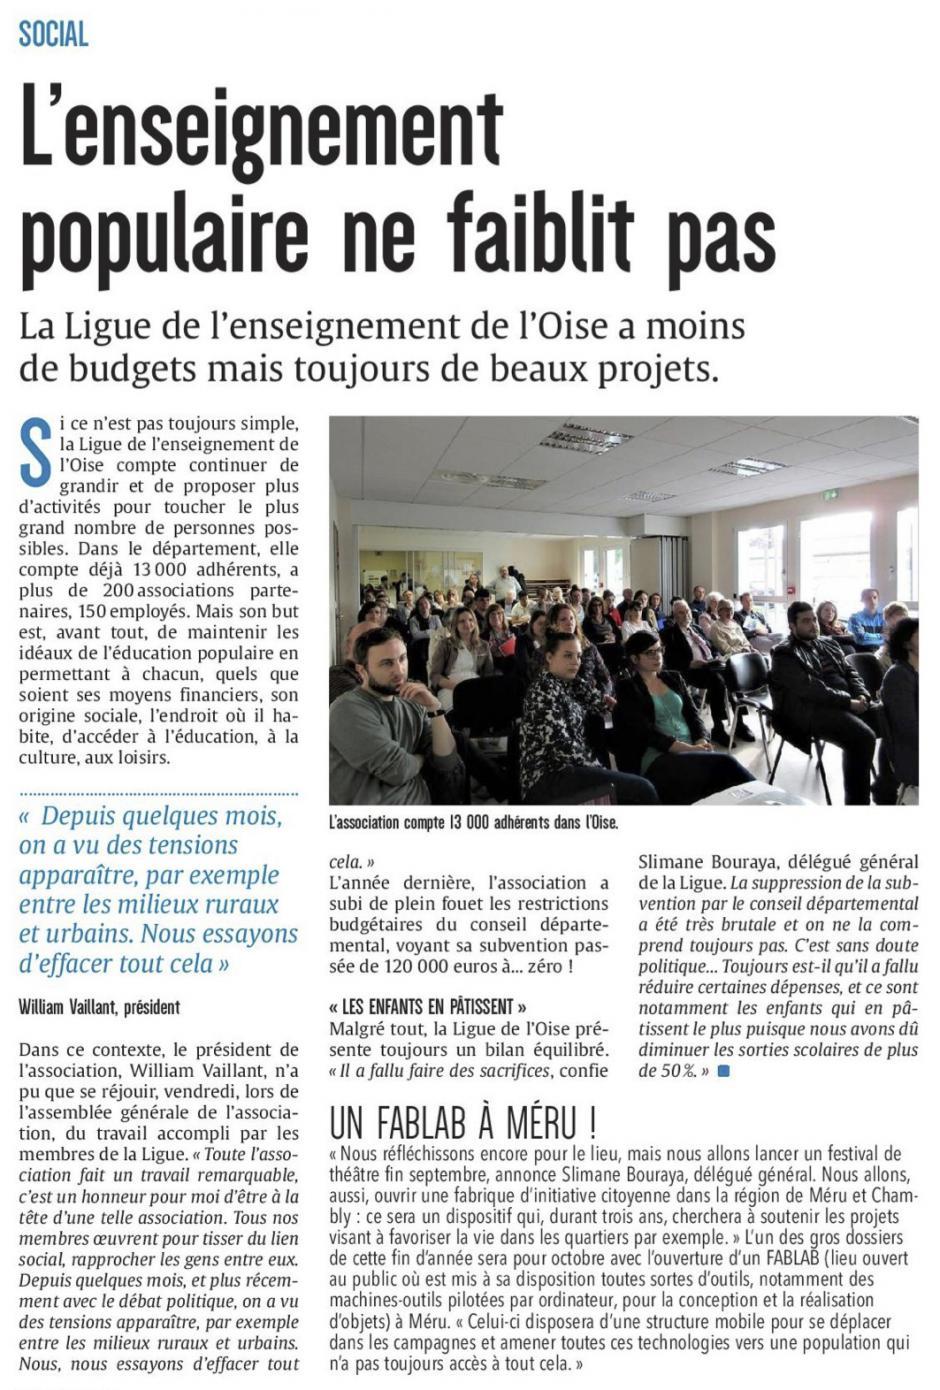 20170523-CP-Oise-L'enseignement populaire ne faiblit pas